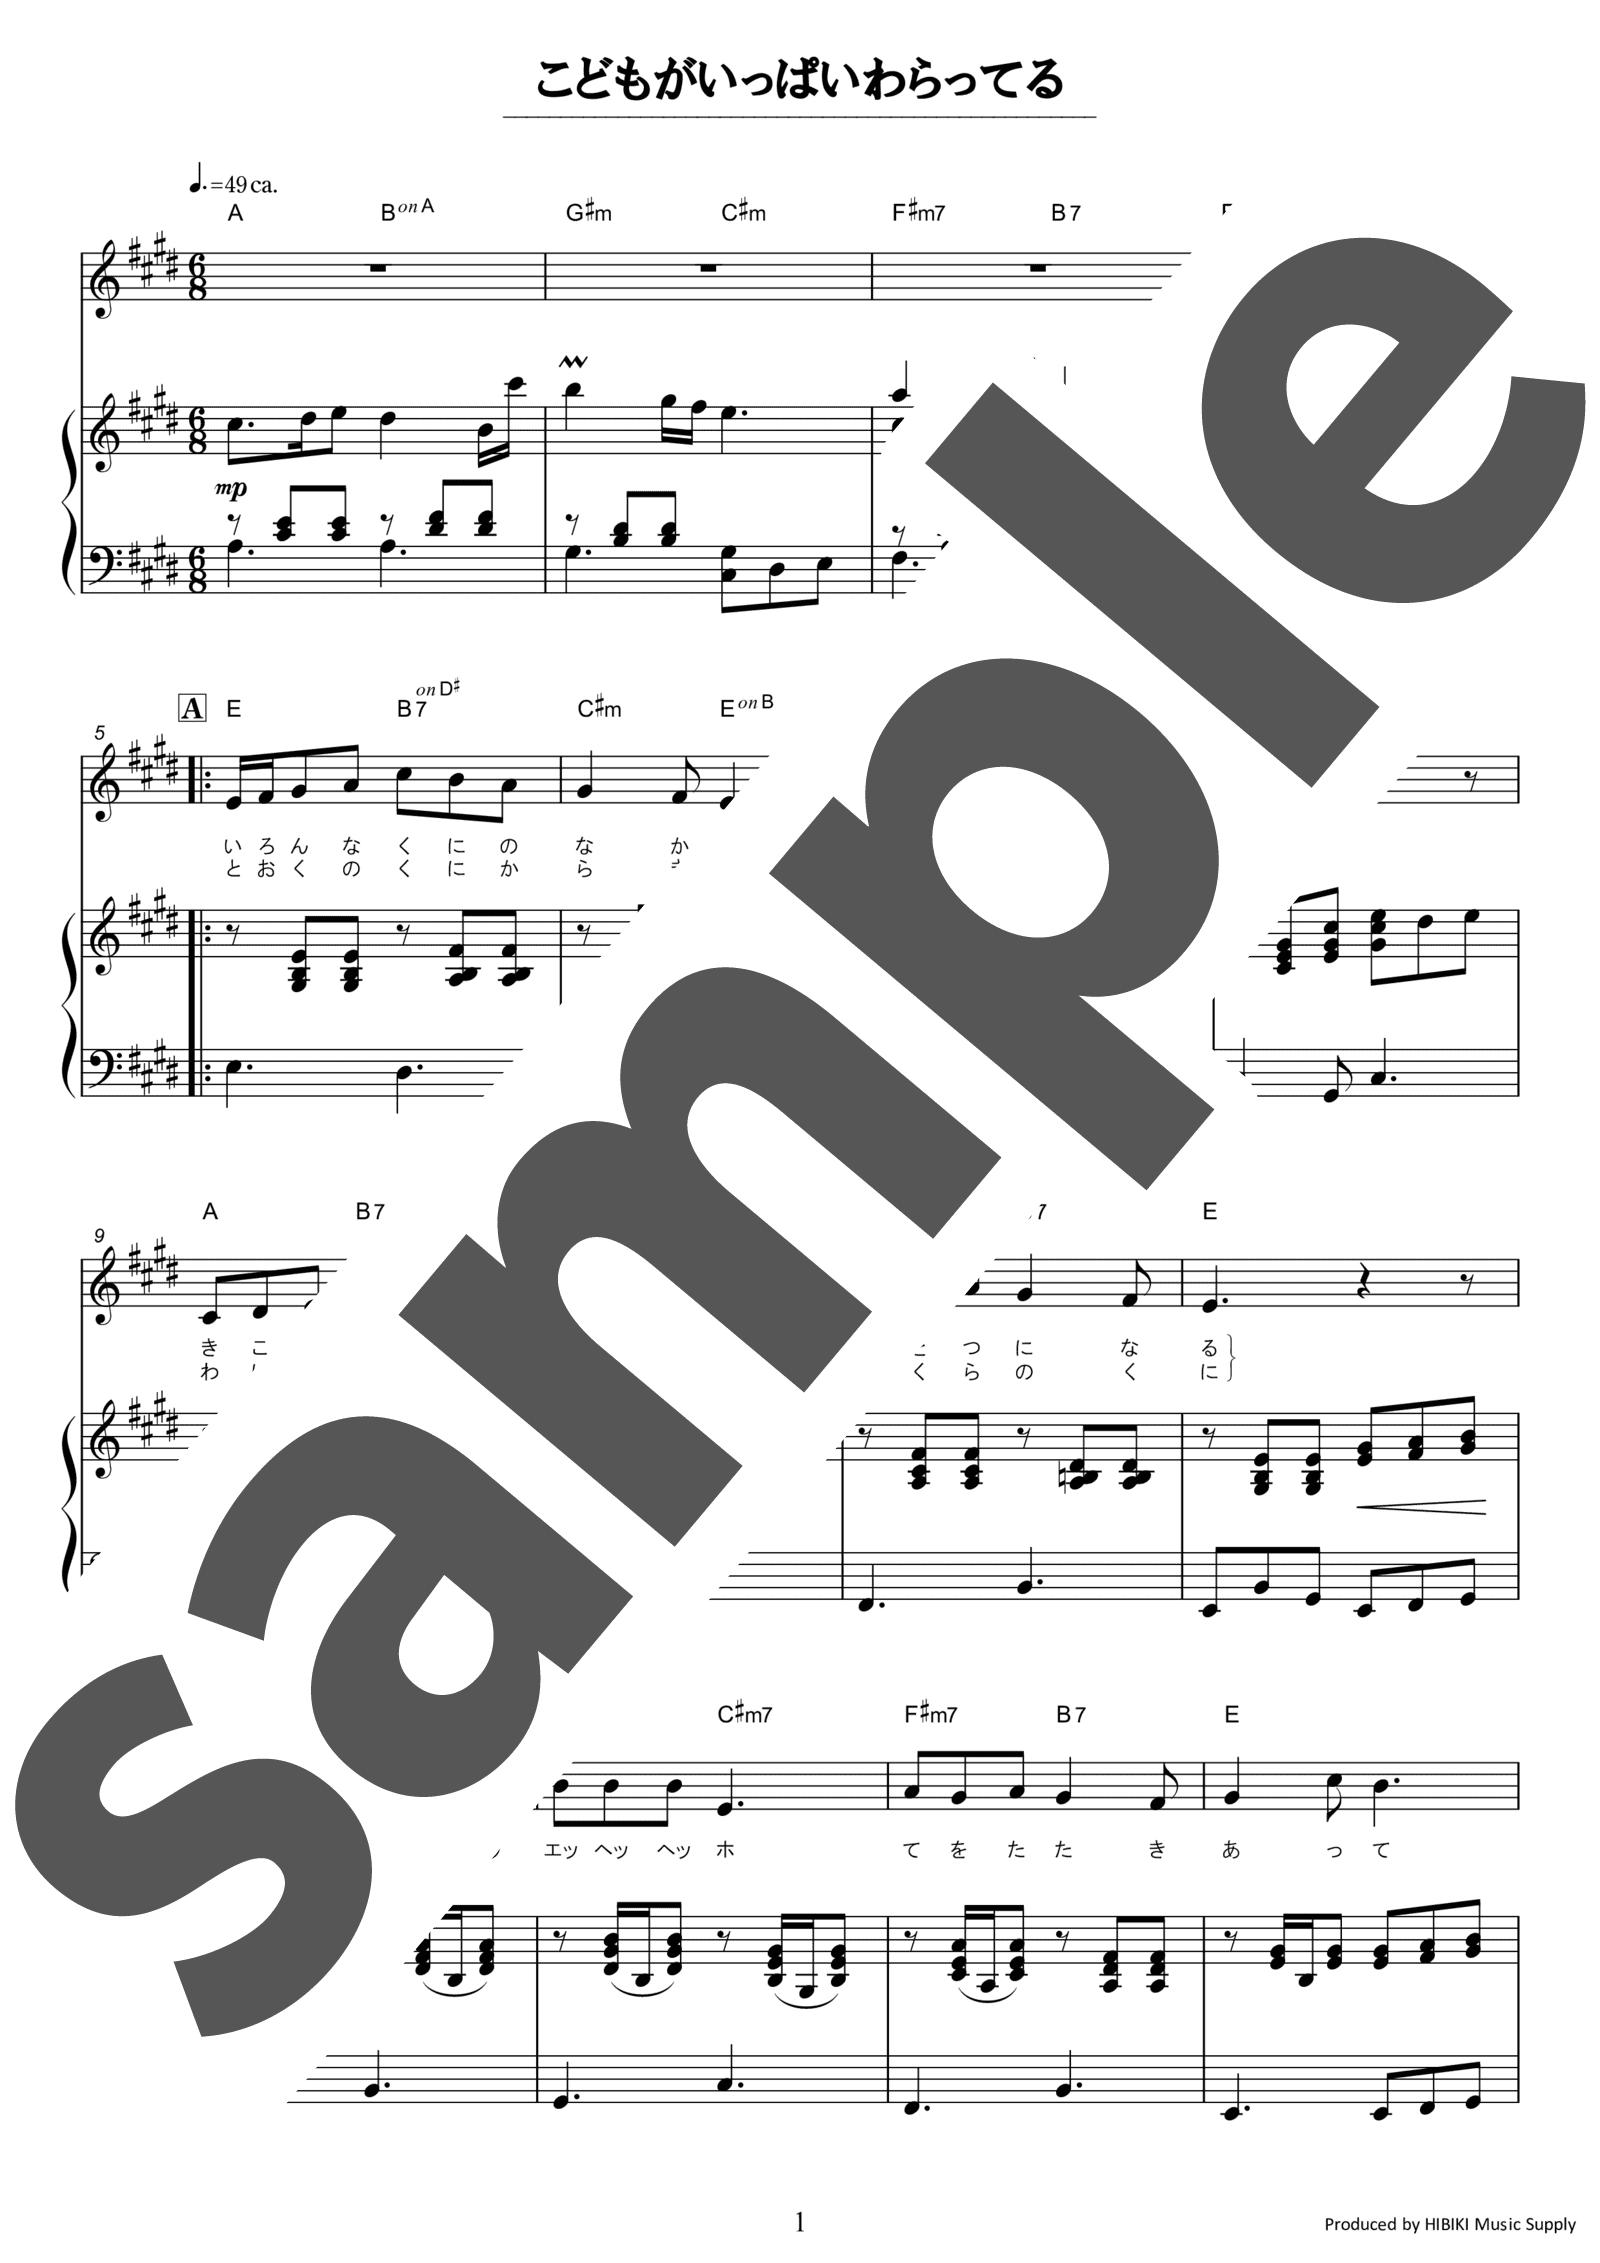 「こどもがいっぱいわらってる」のサンプル楽譜